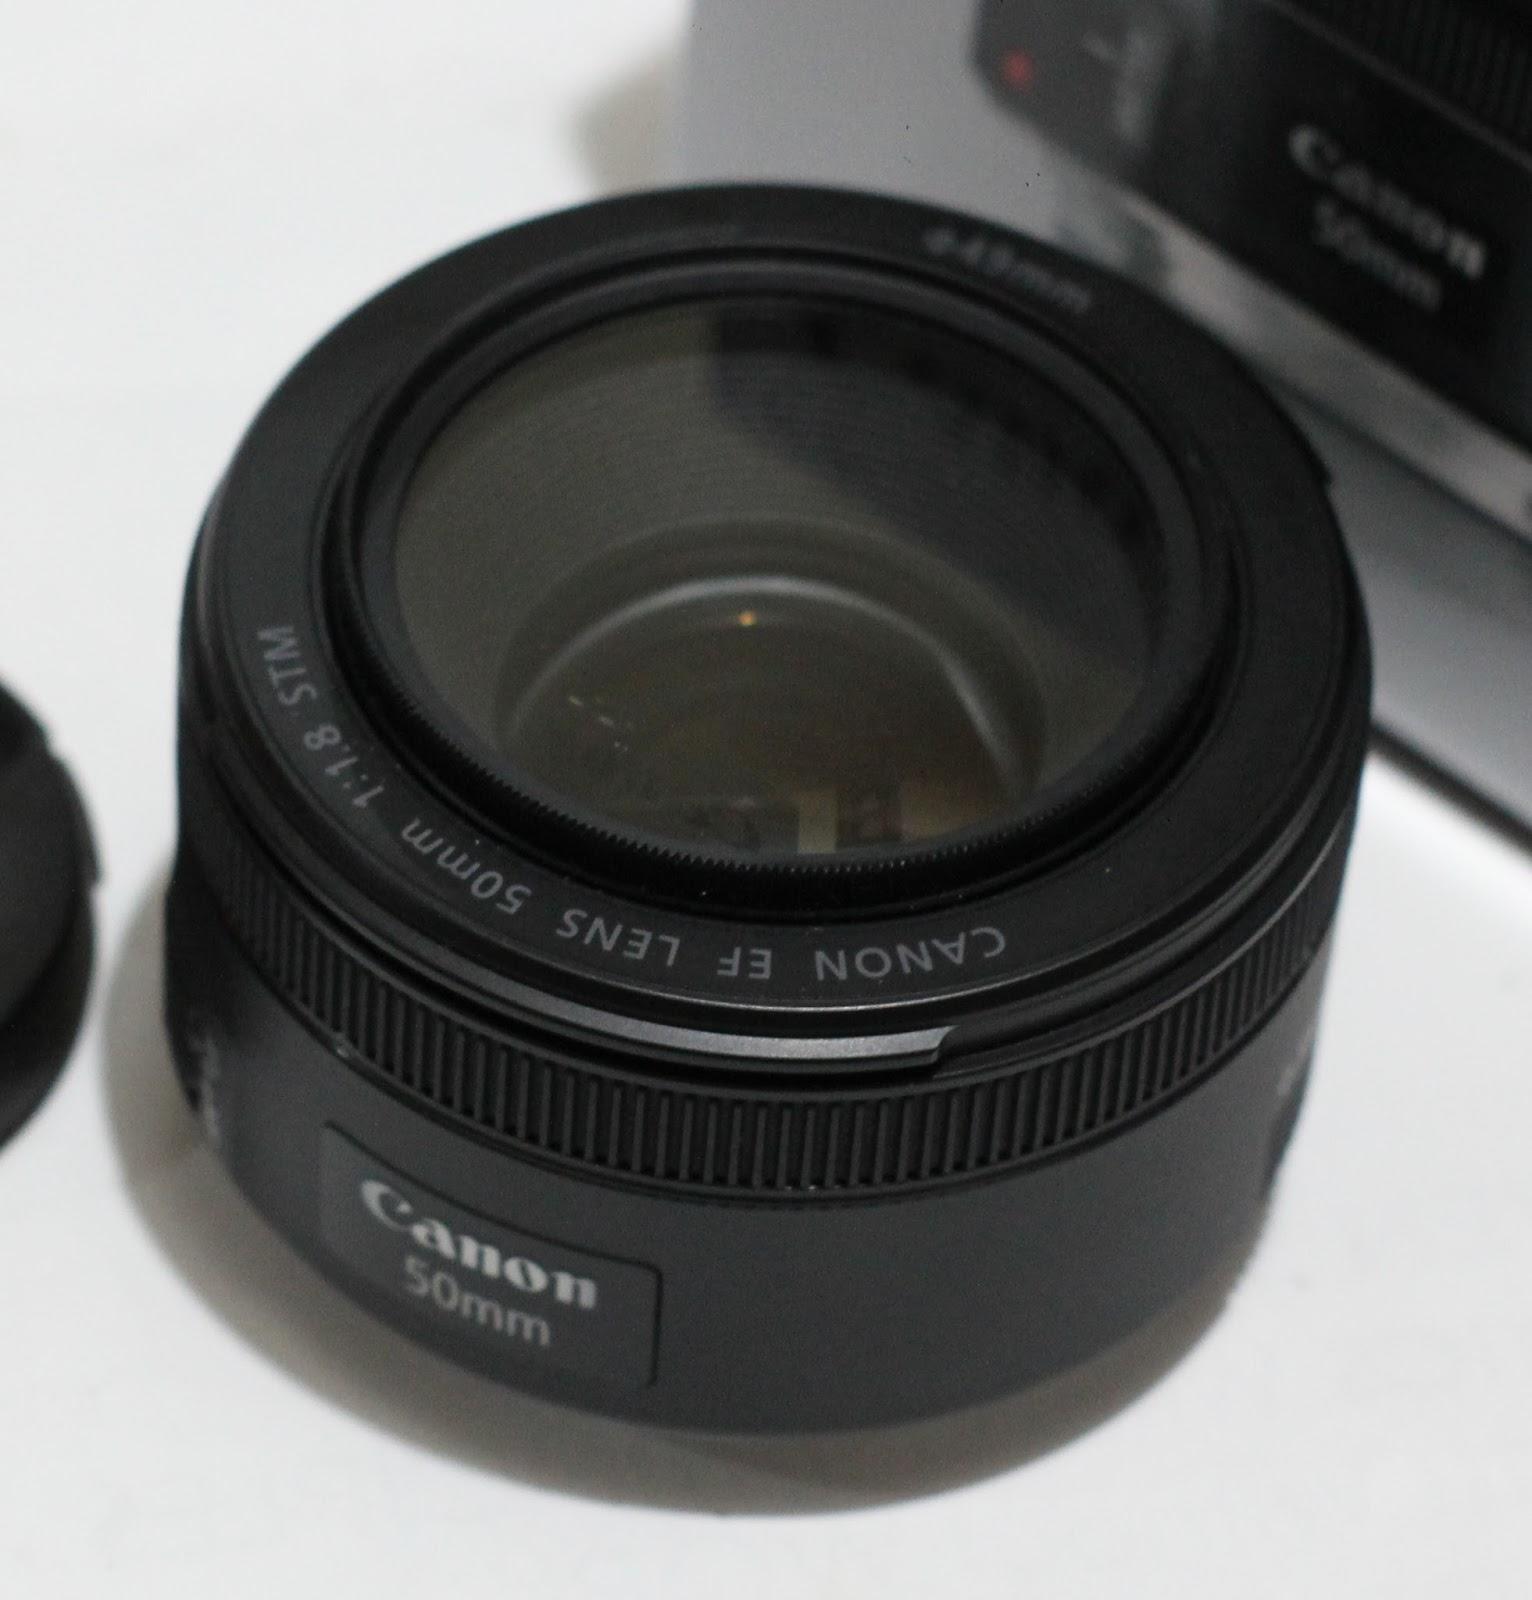 Jual Lensa Canon Ef 50mm F 18 Stm Fullset Beli Laptop Bekas